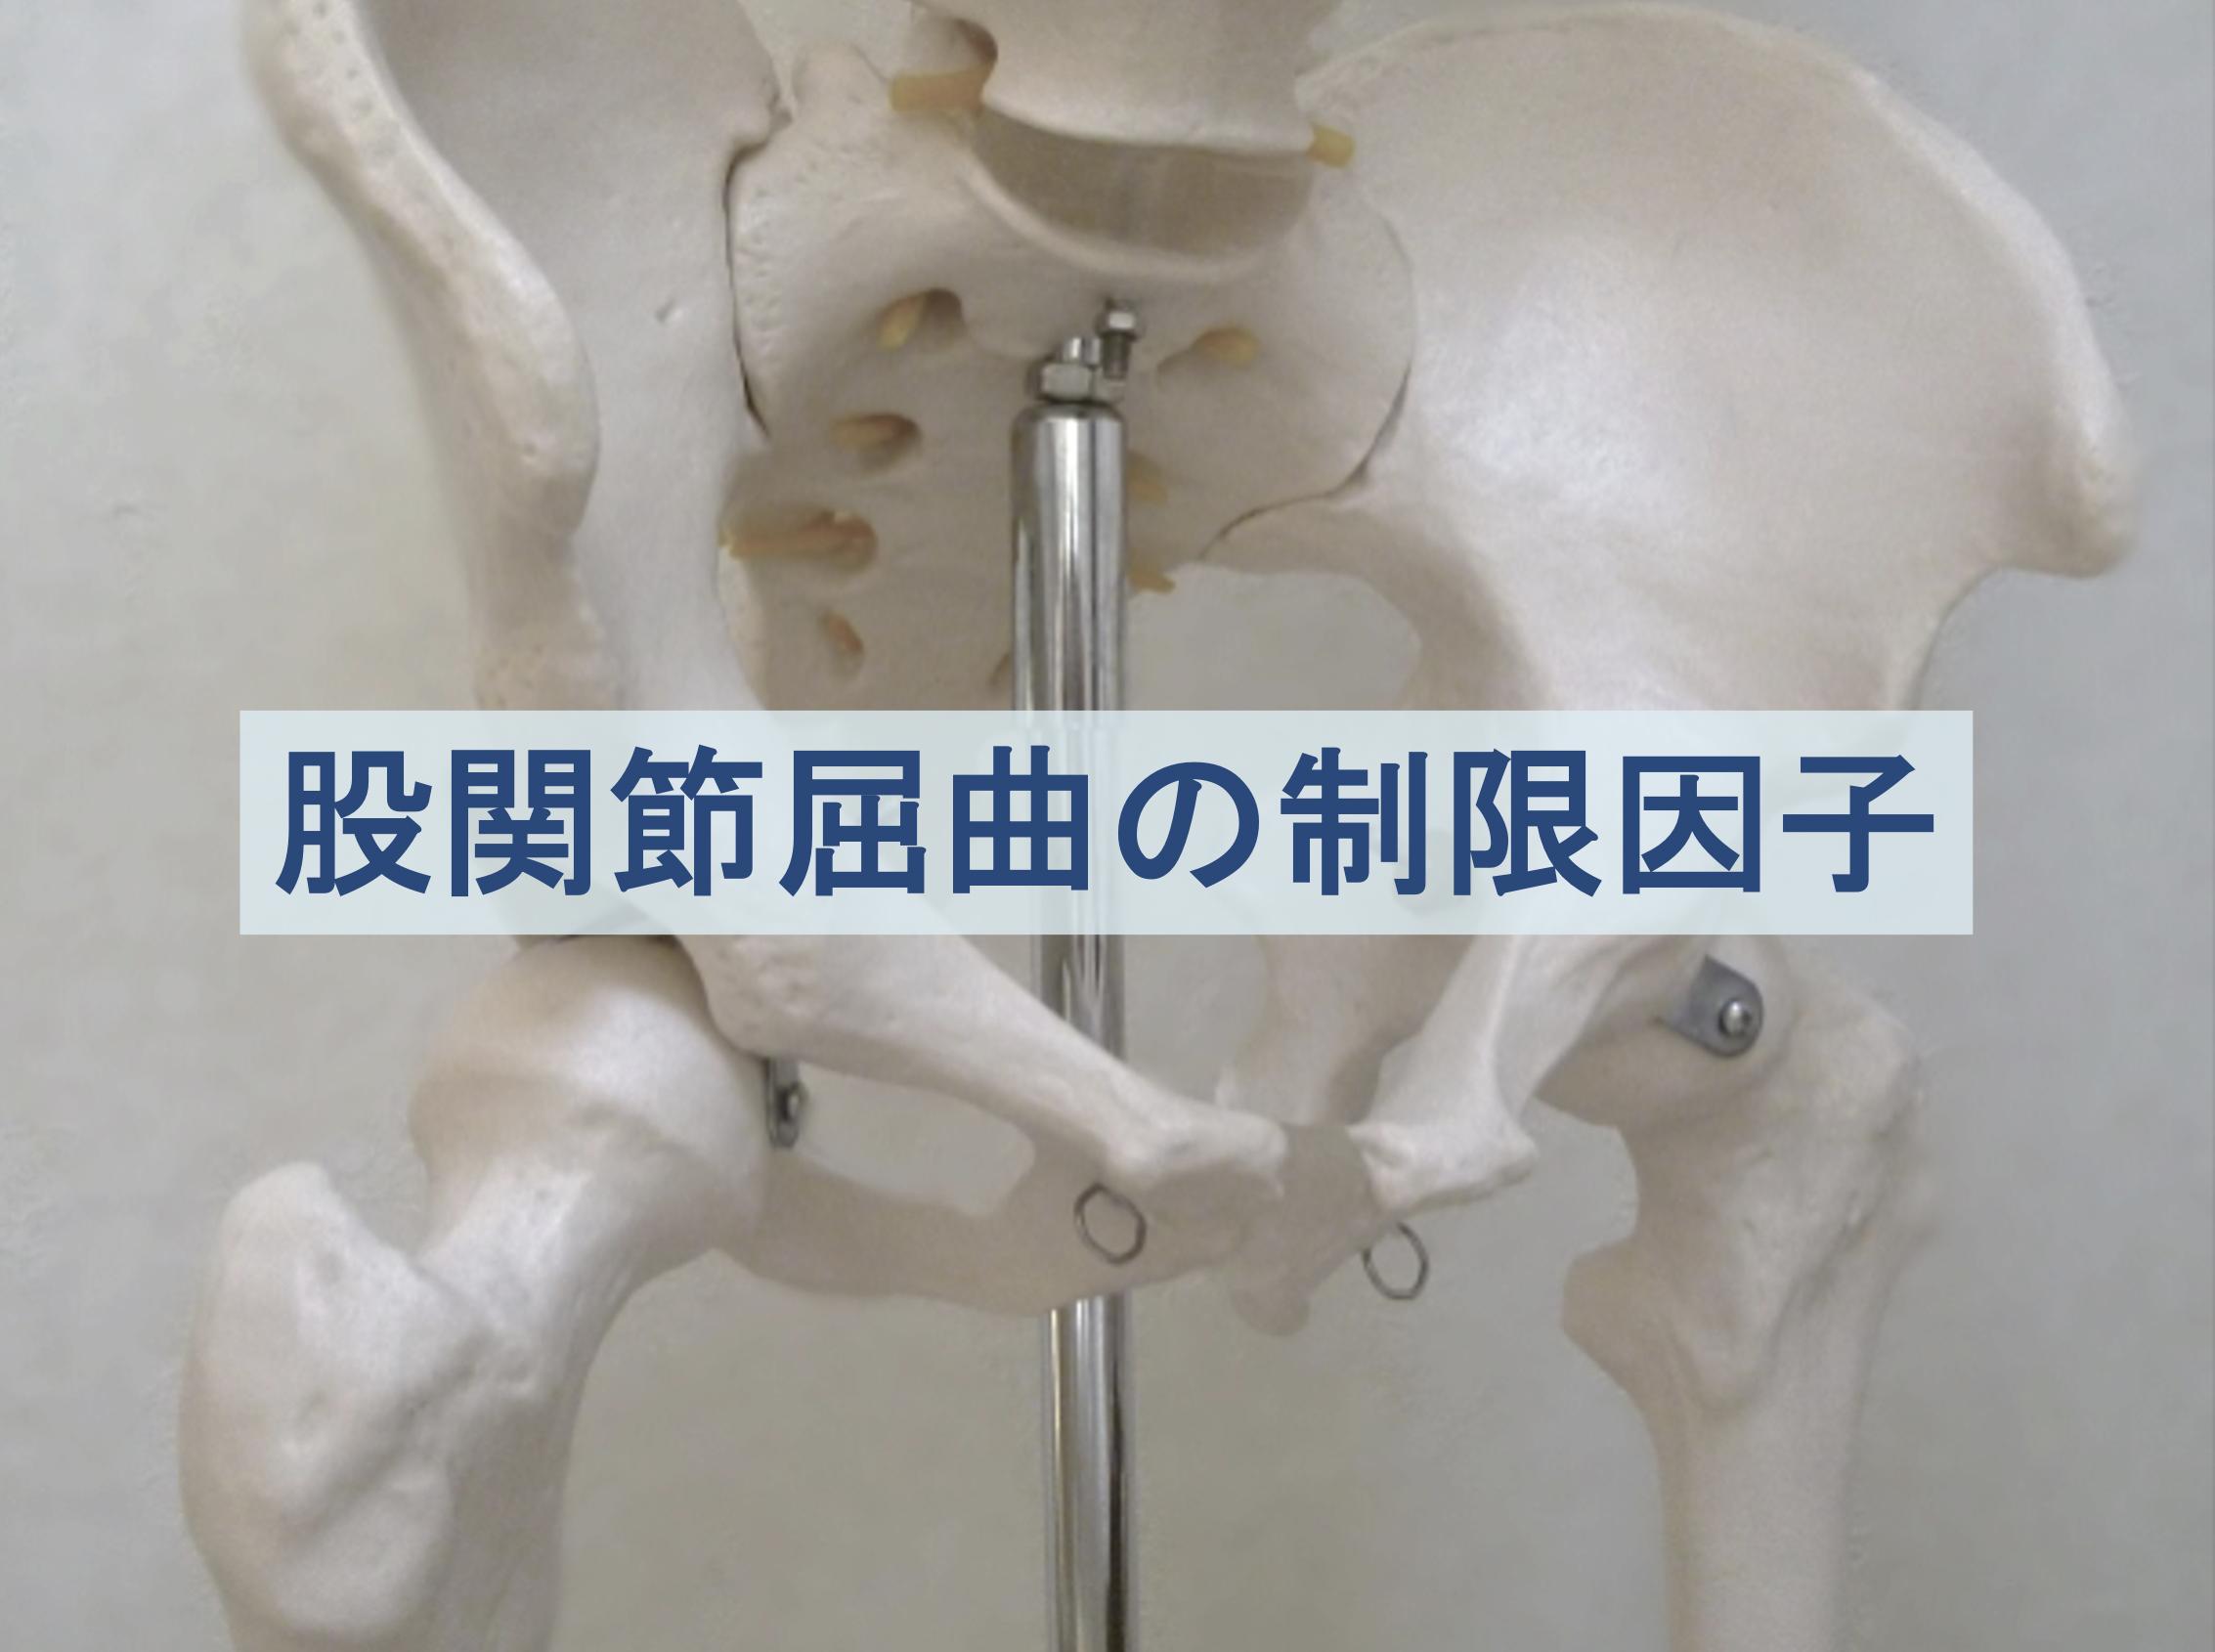 股関節屈曲の制限因子のトップ画像